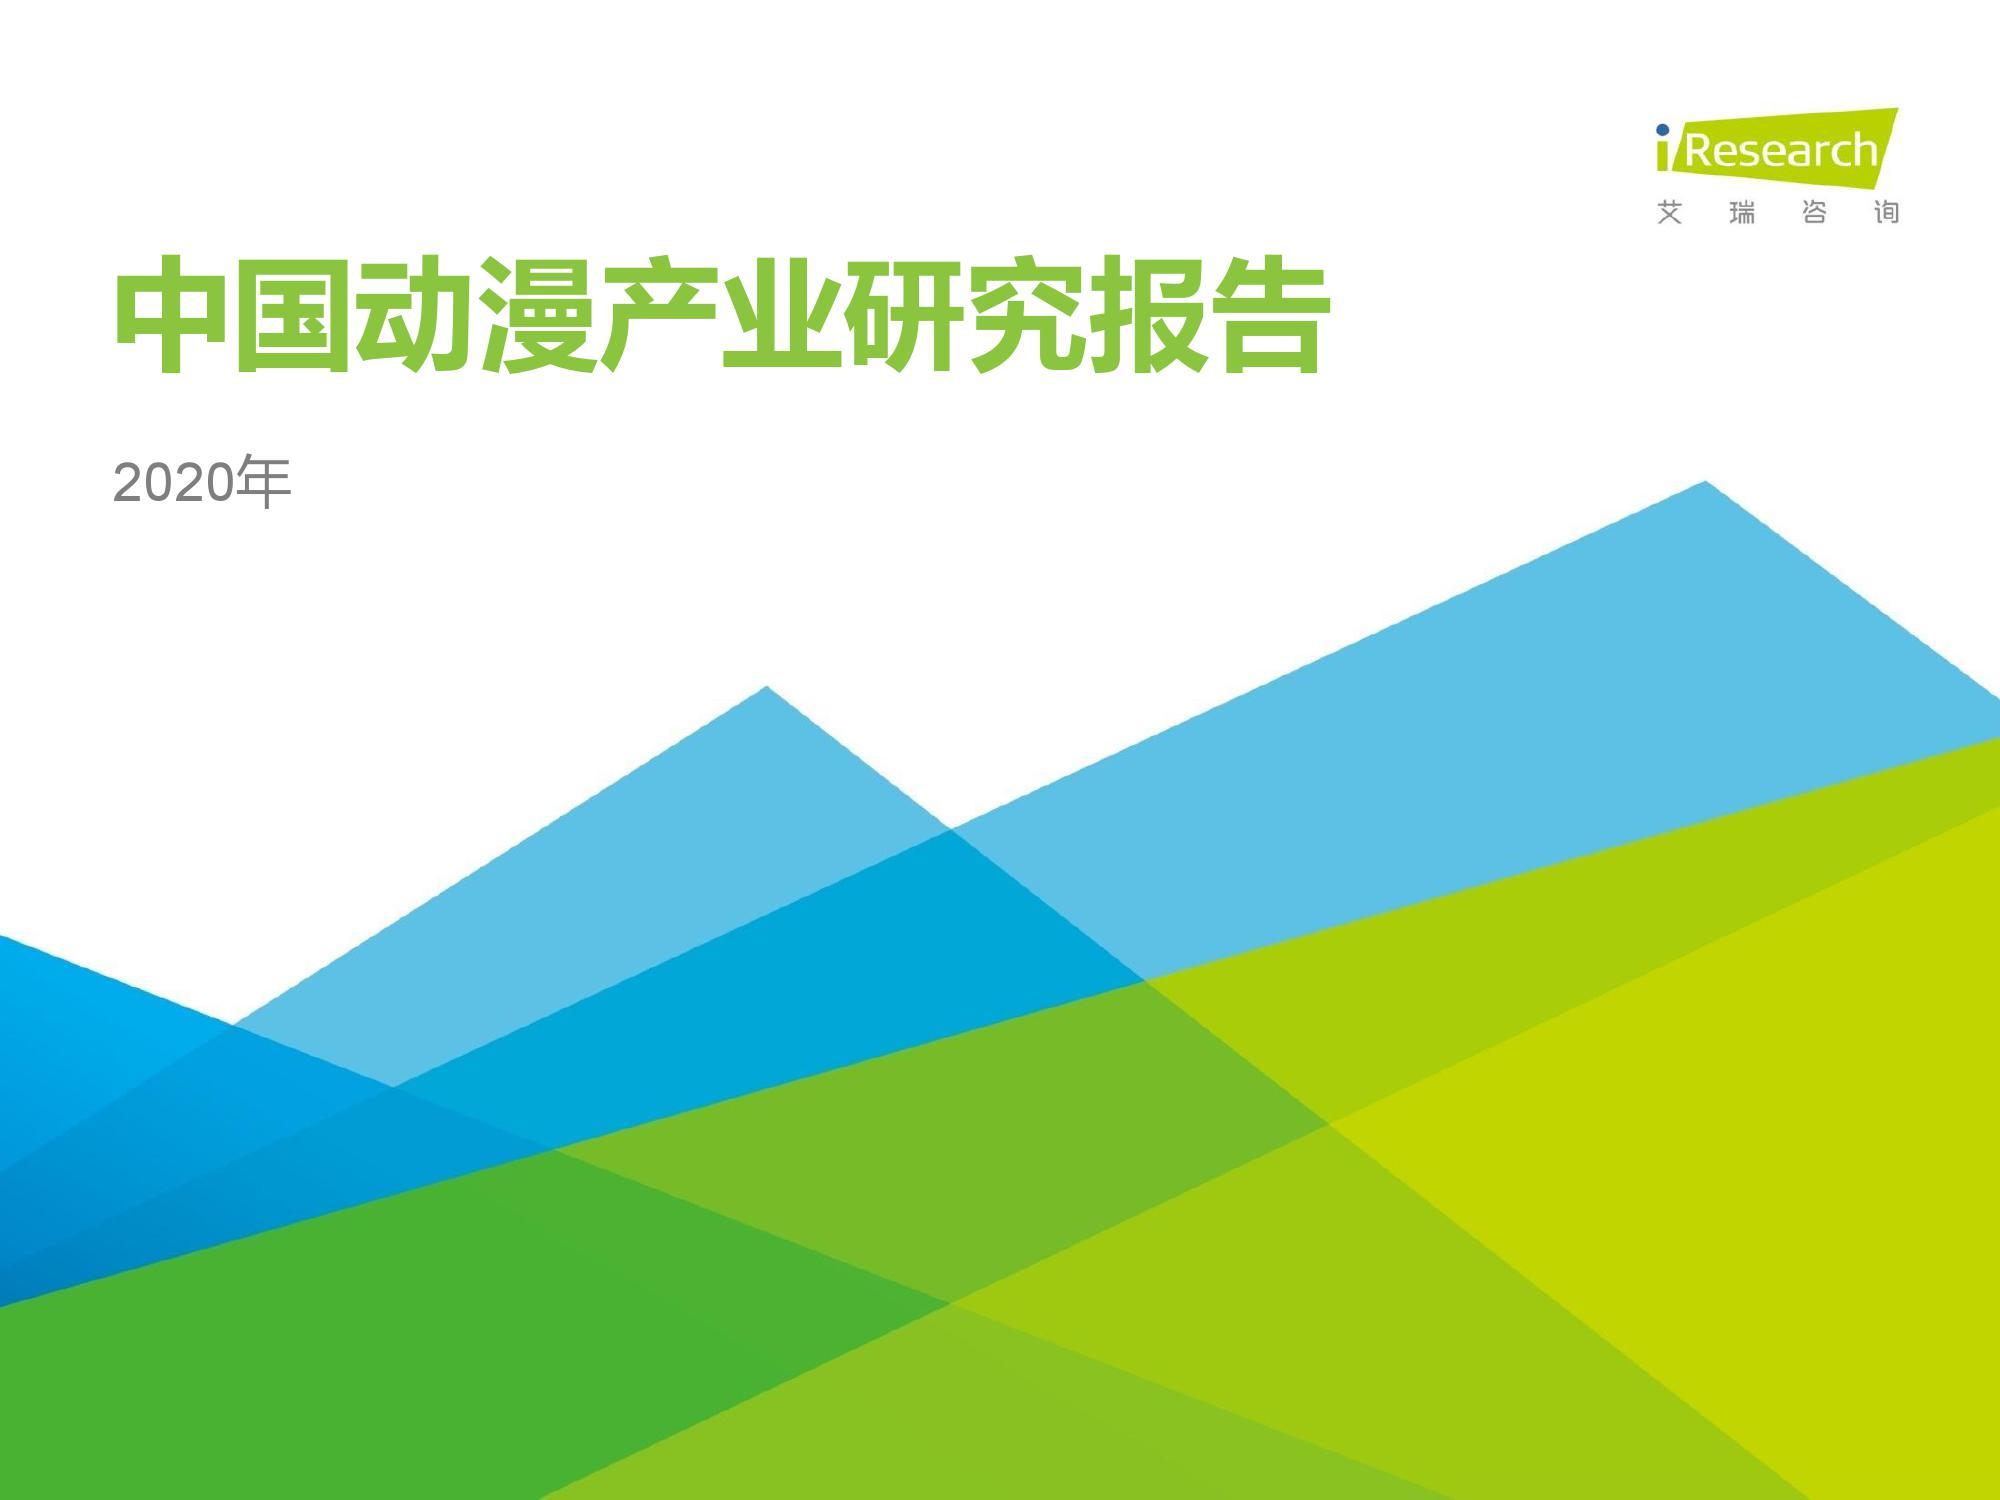 艾瑞咨询:2020年中国动漫产业研究报告(附下载)